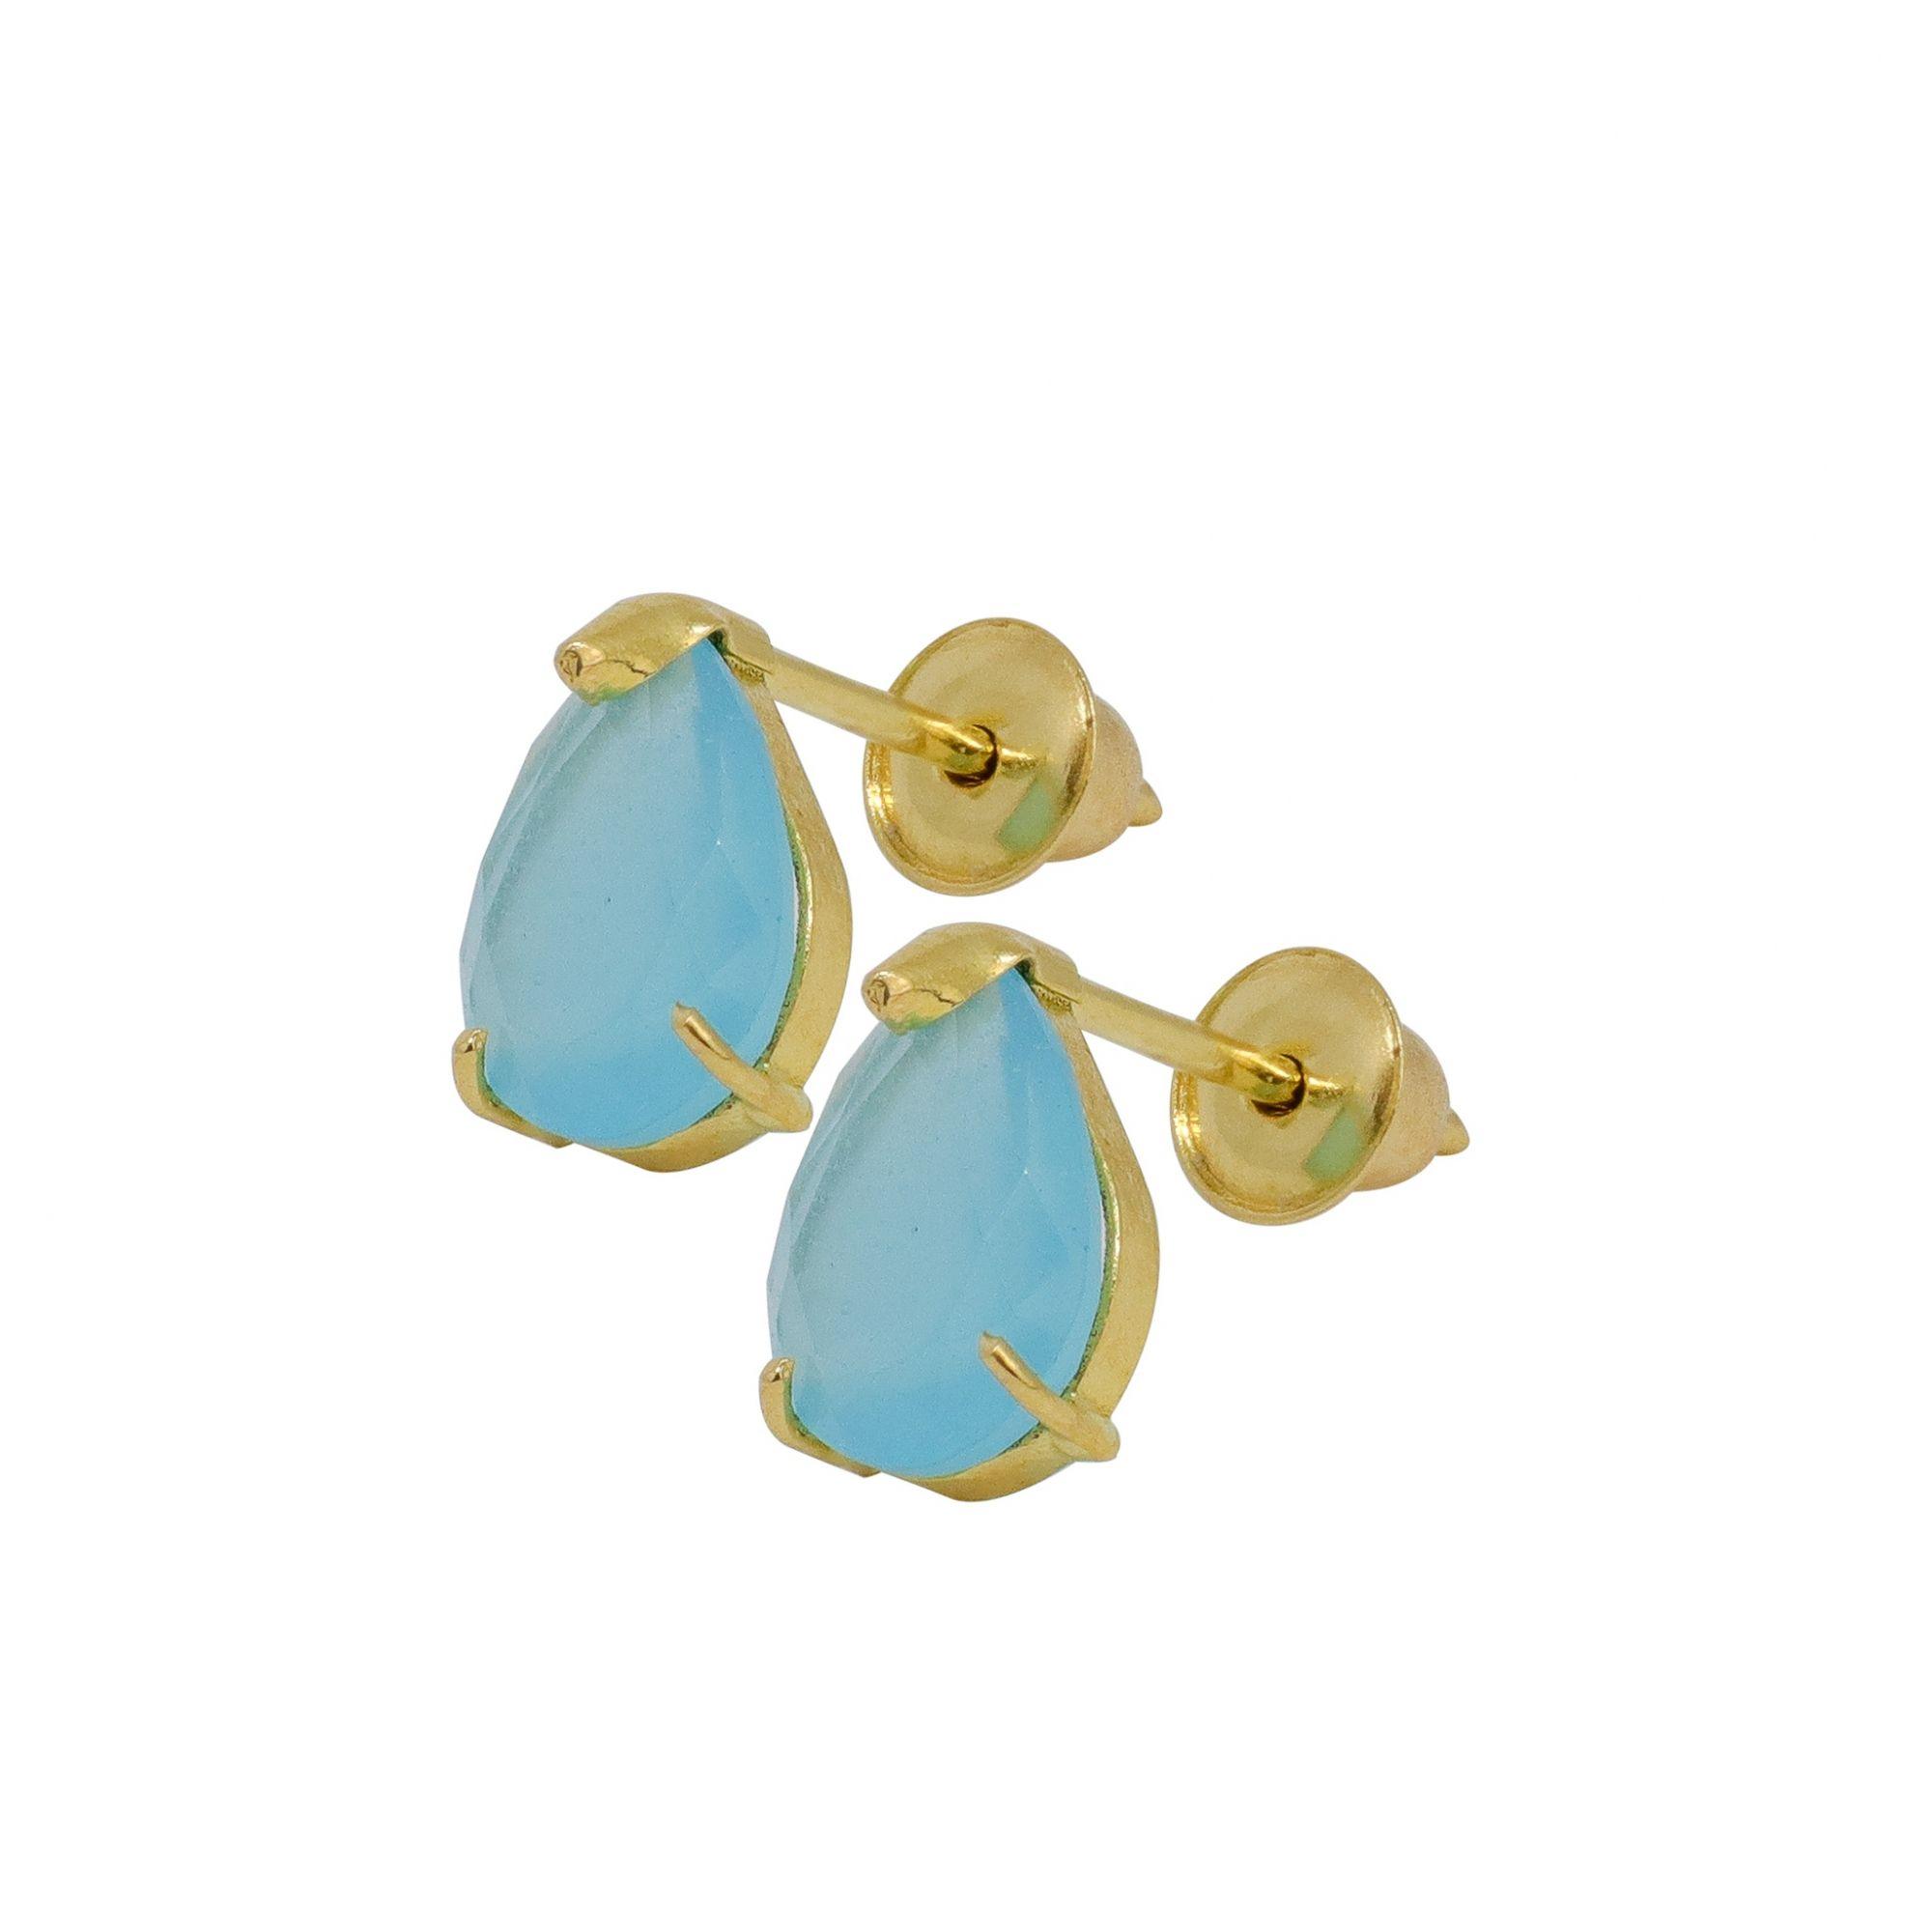 Brinco ouro 18k solitário gota com zircônia azul